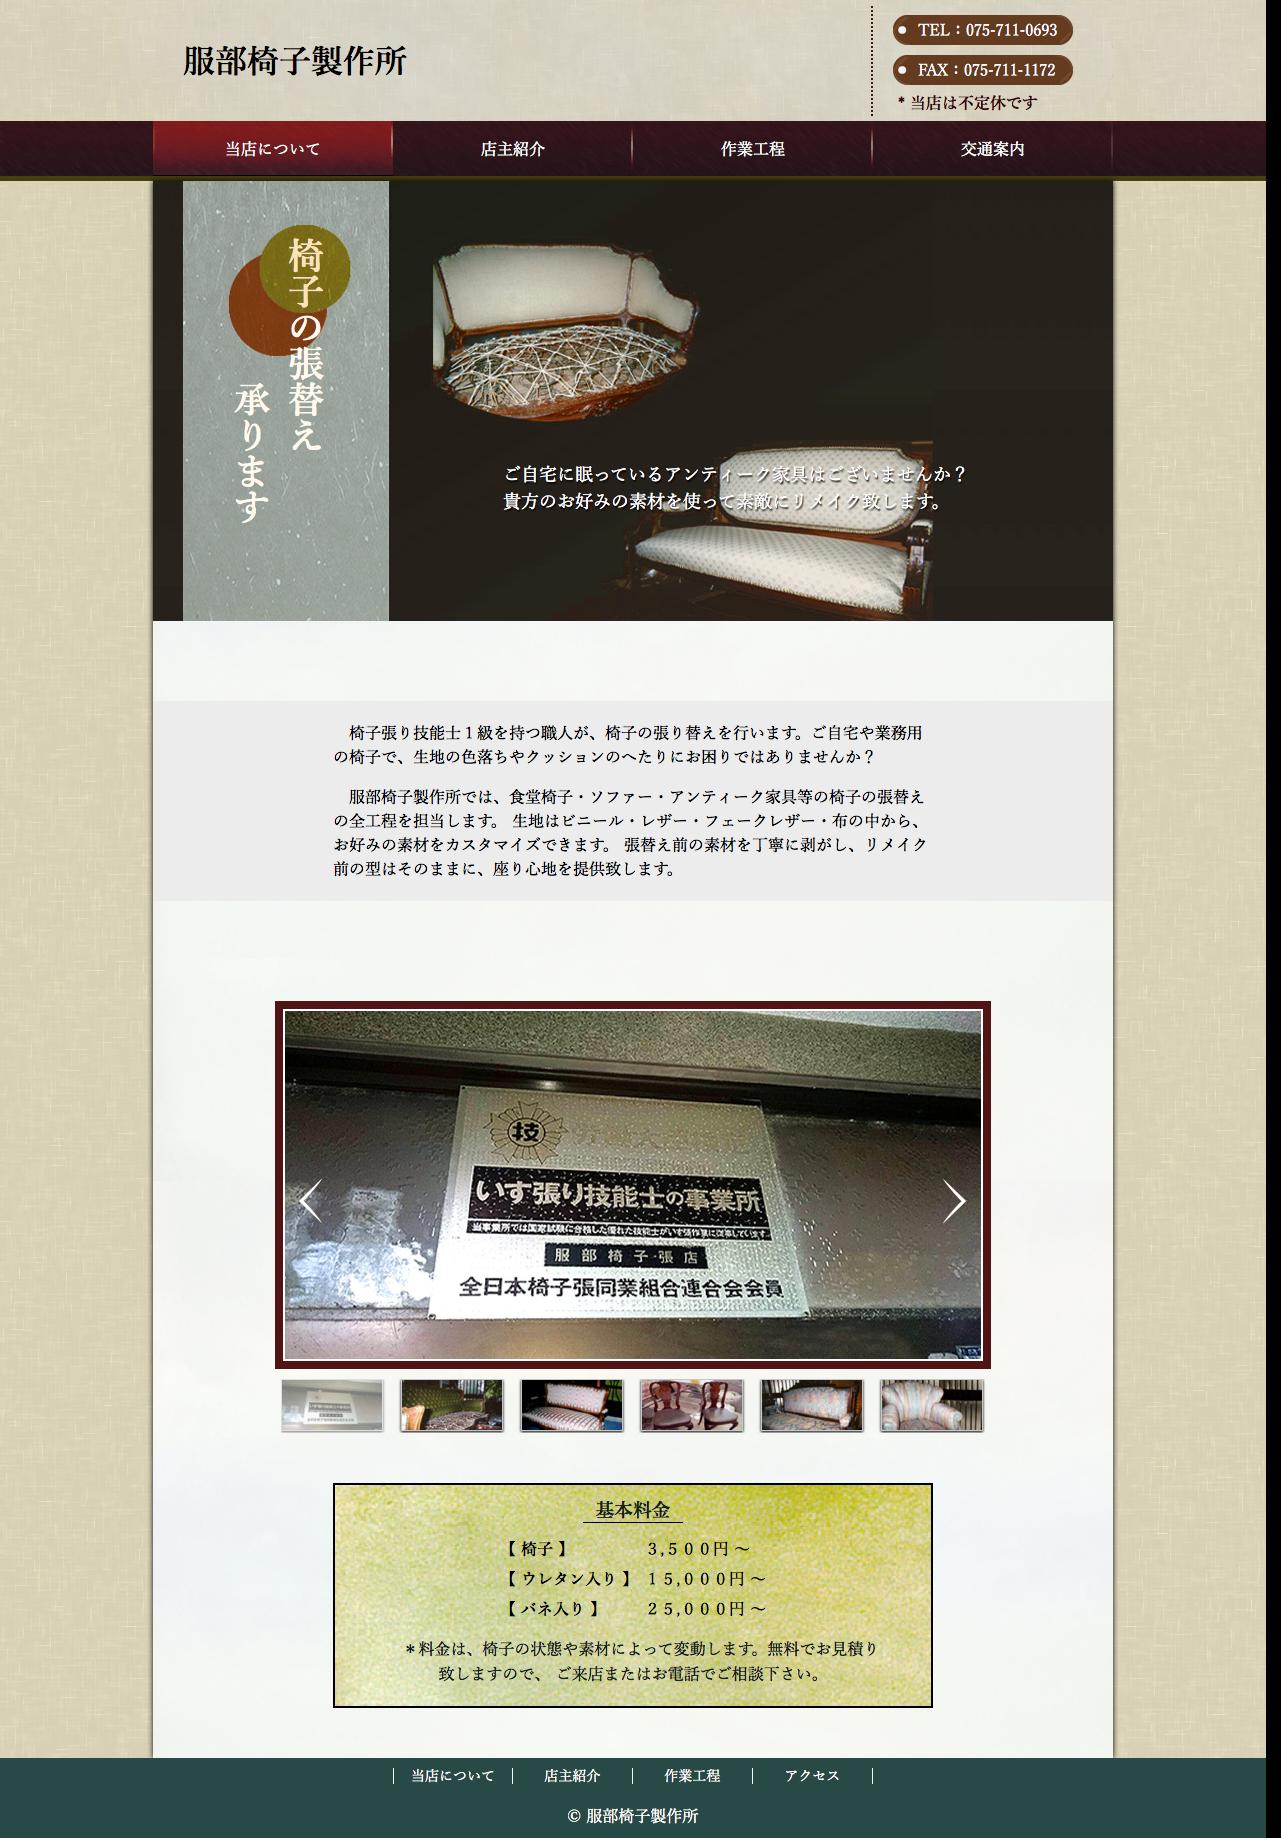 http://chairrepaper.webcrow.jp/